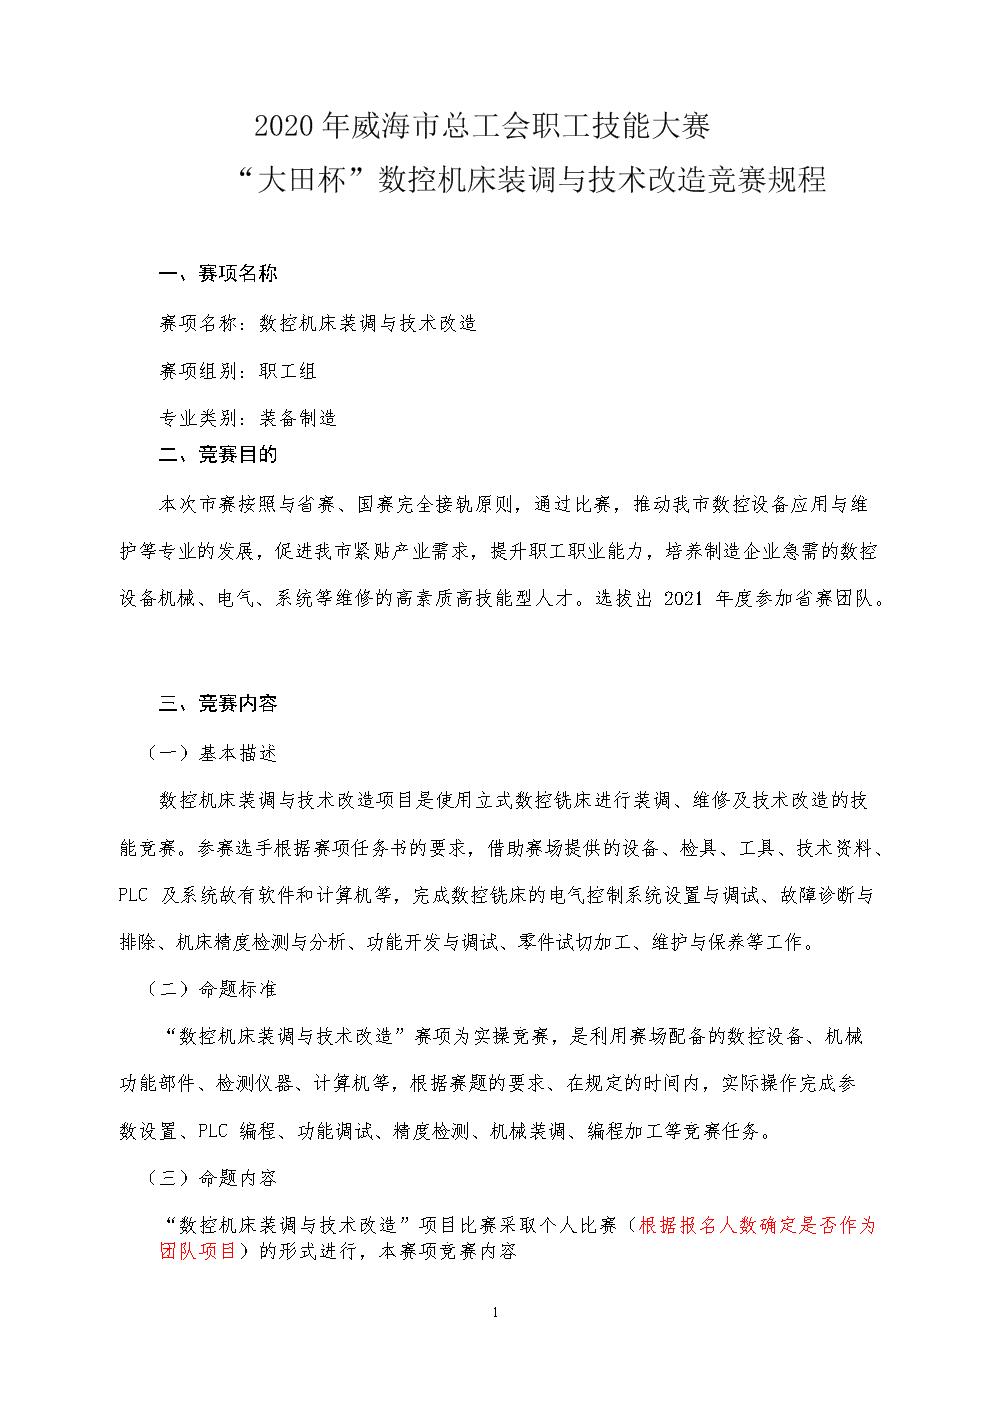 2020数控机床装调与技术改造赛规程.docx